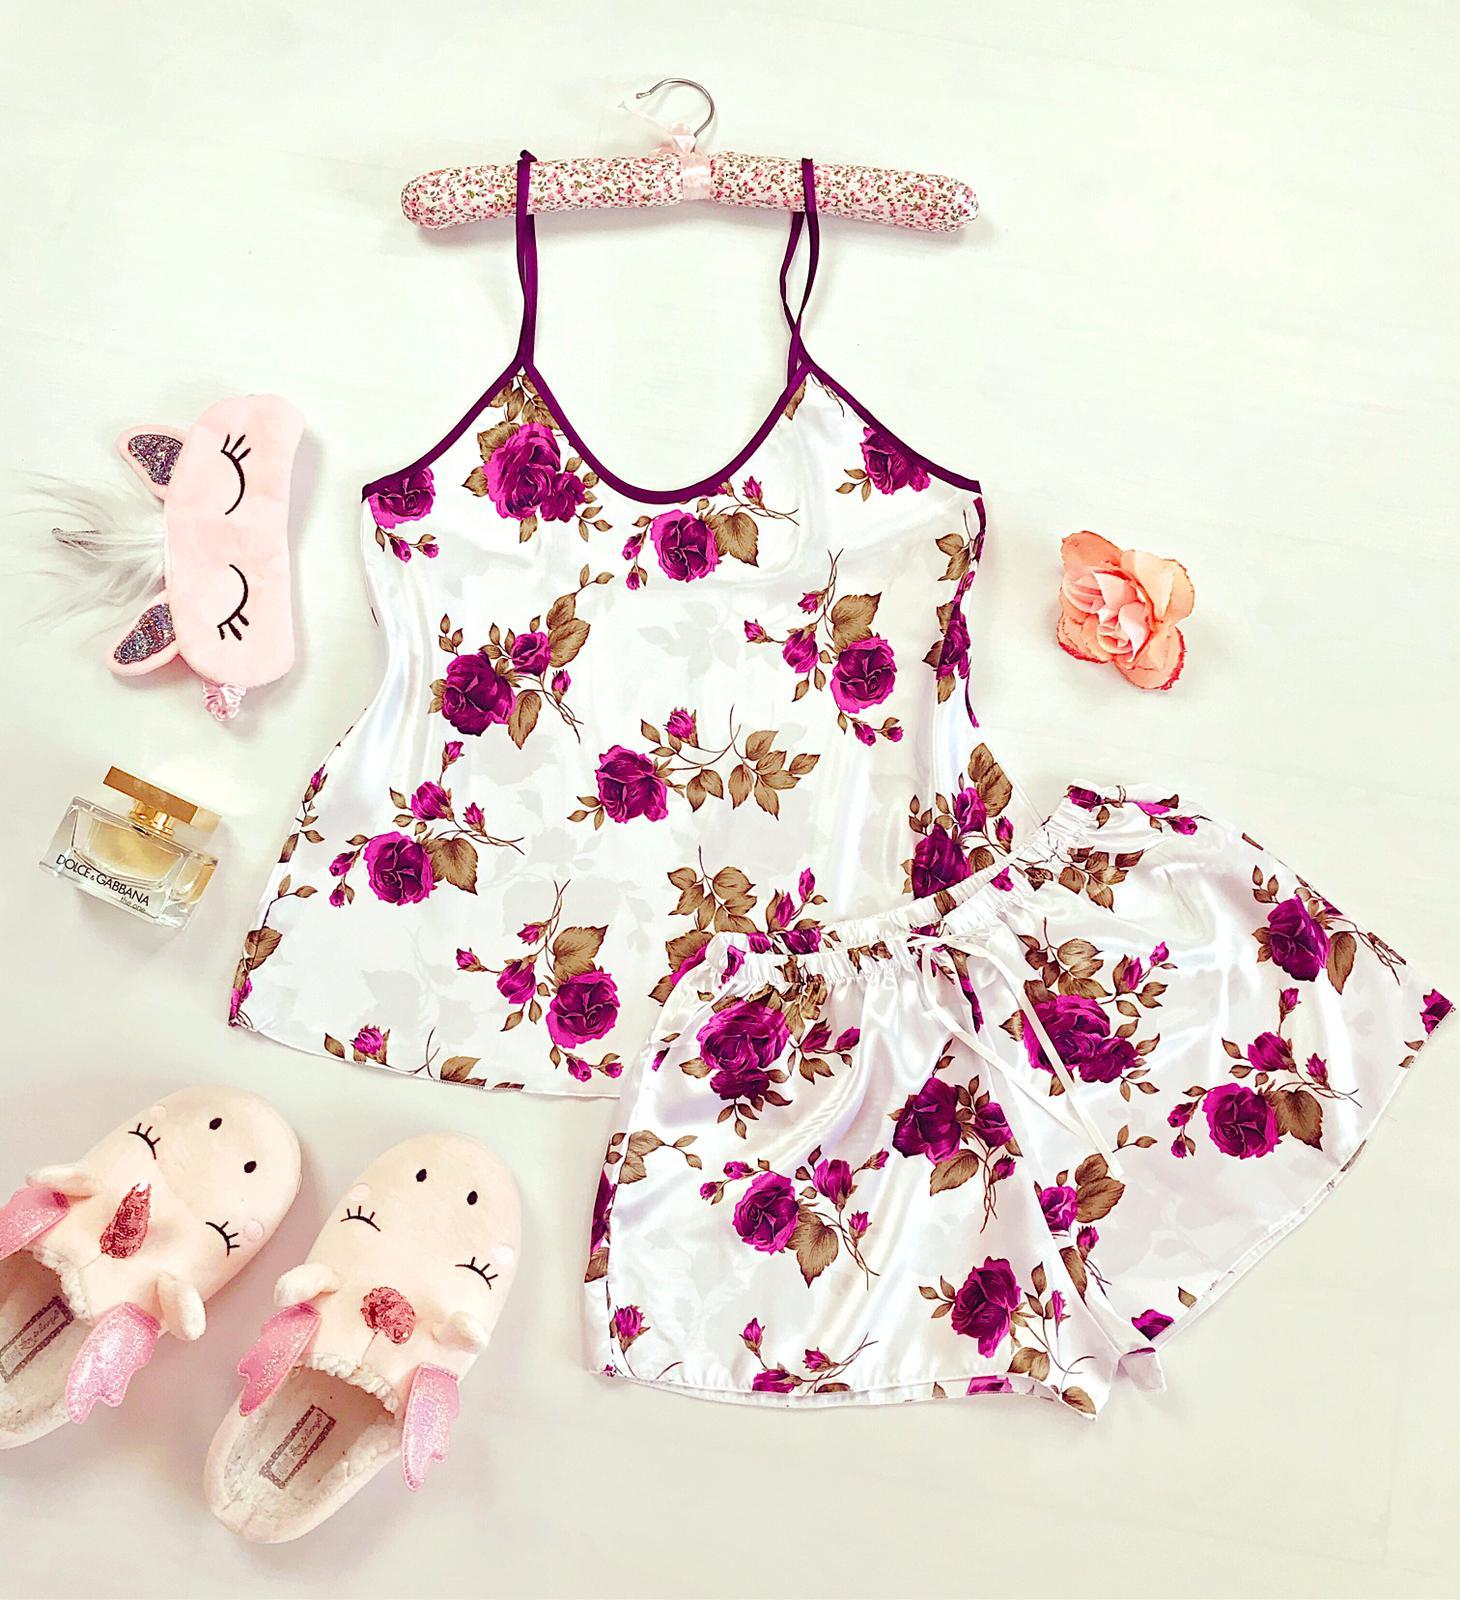 Compleu pijama set maiou si pantaloni scurti din satin premium alb cu imprimeu trandafiri mov delicati